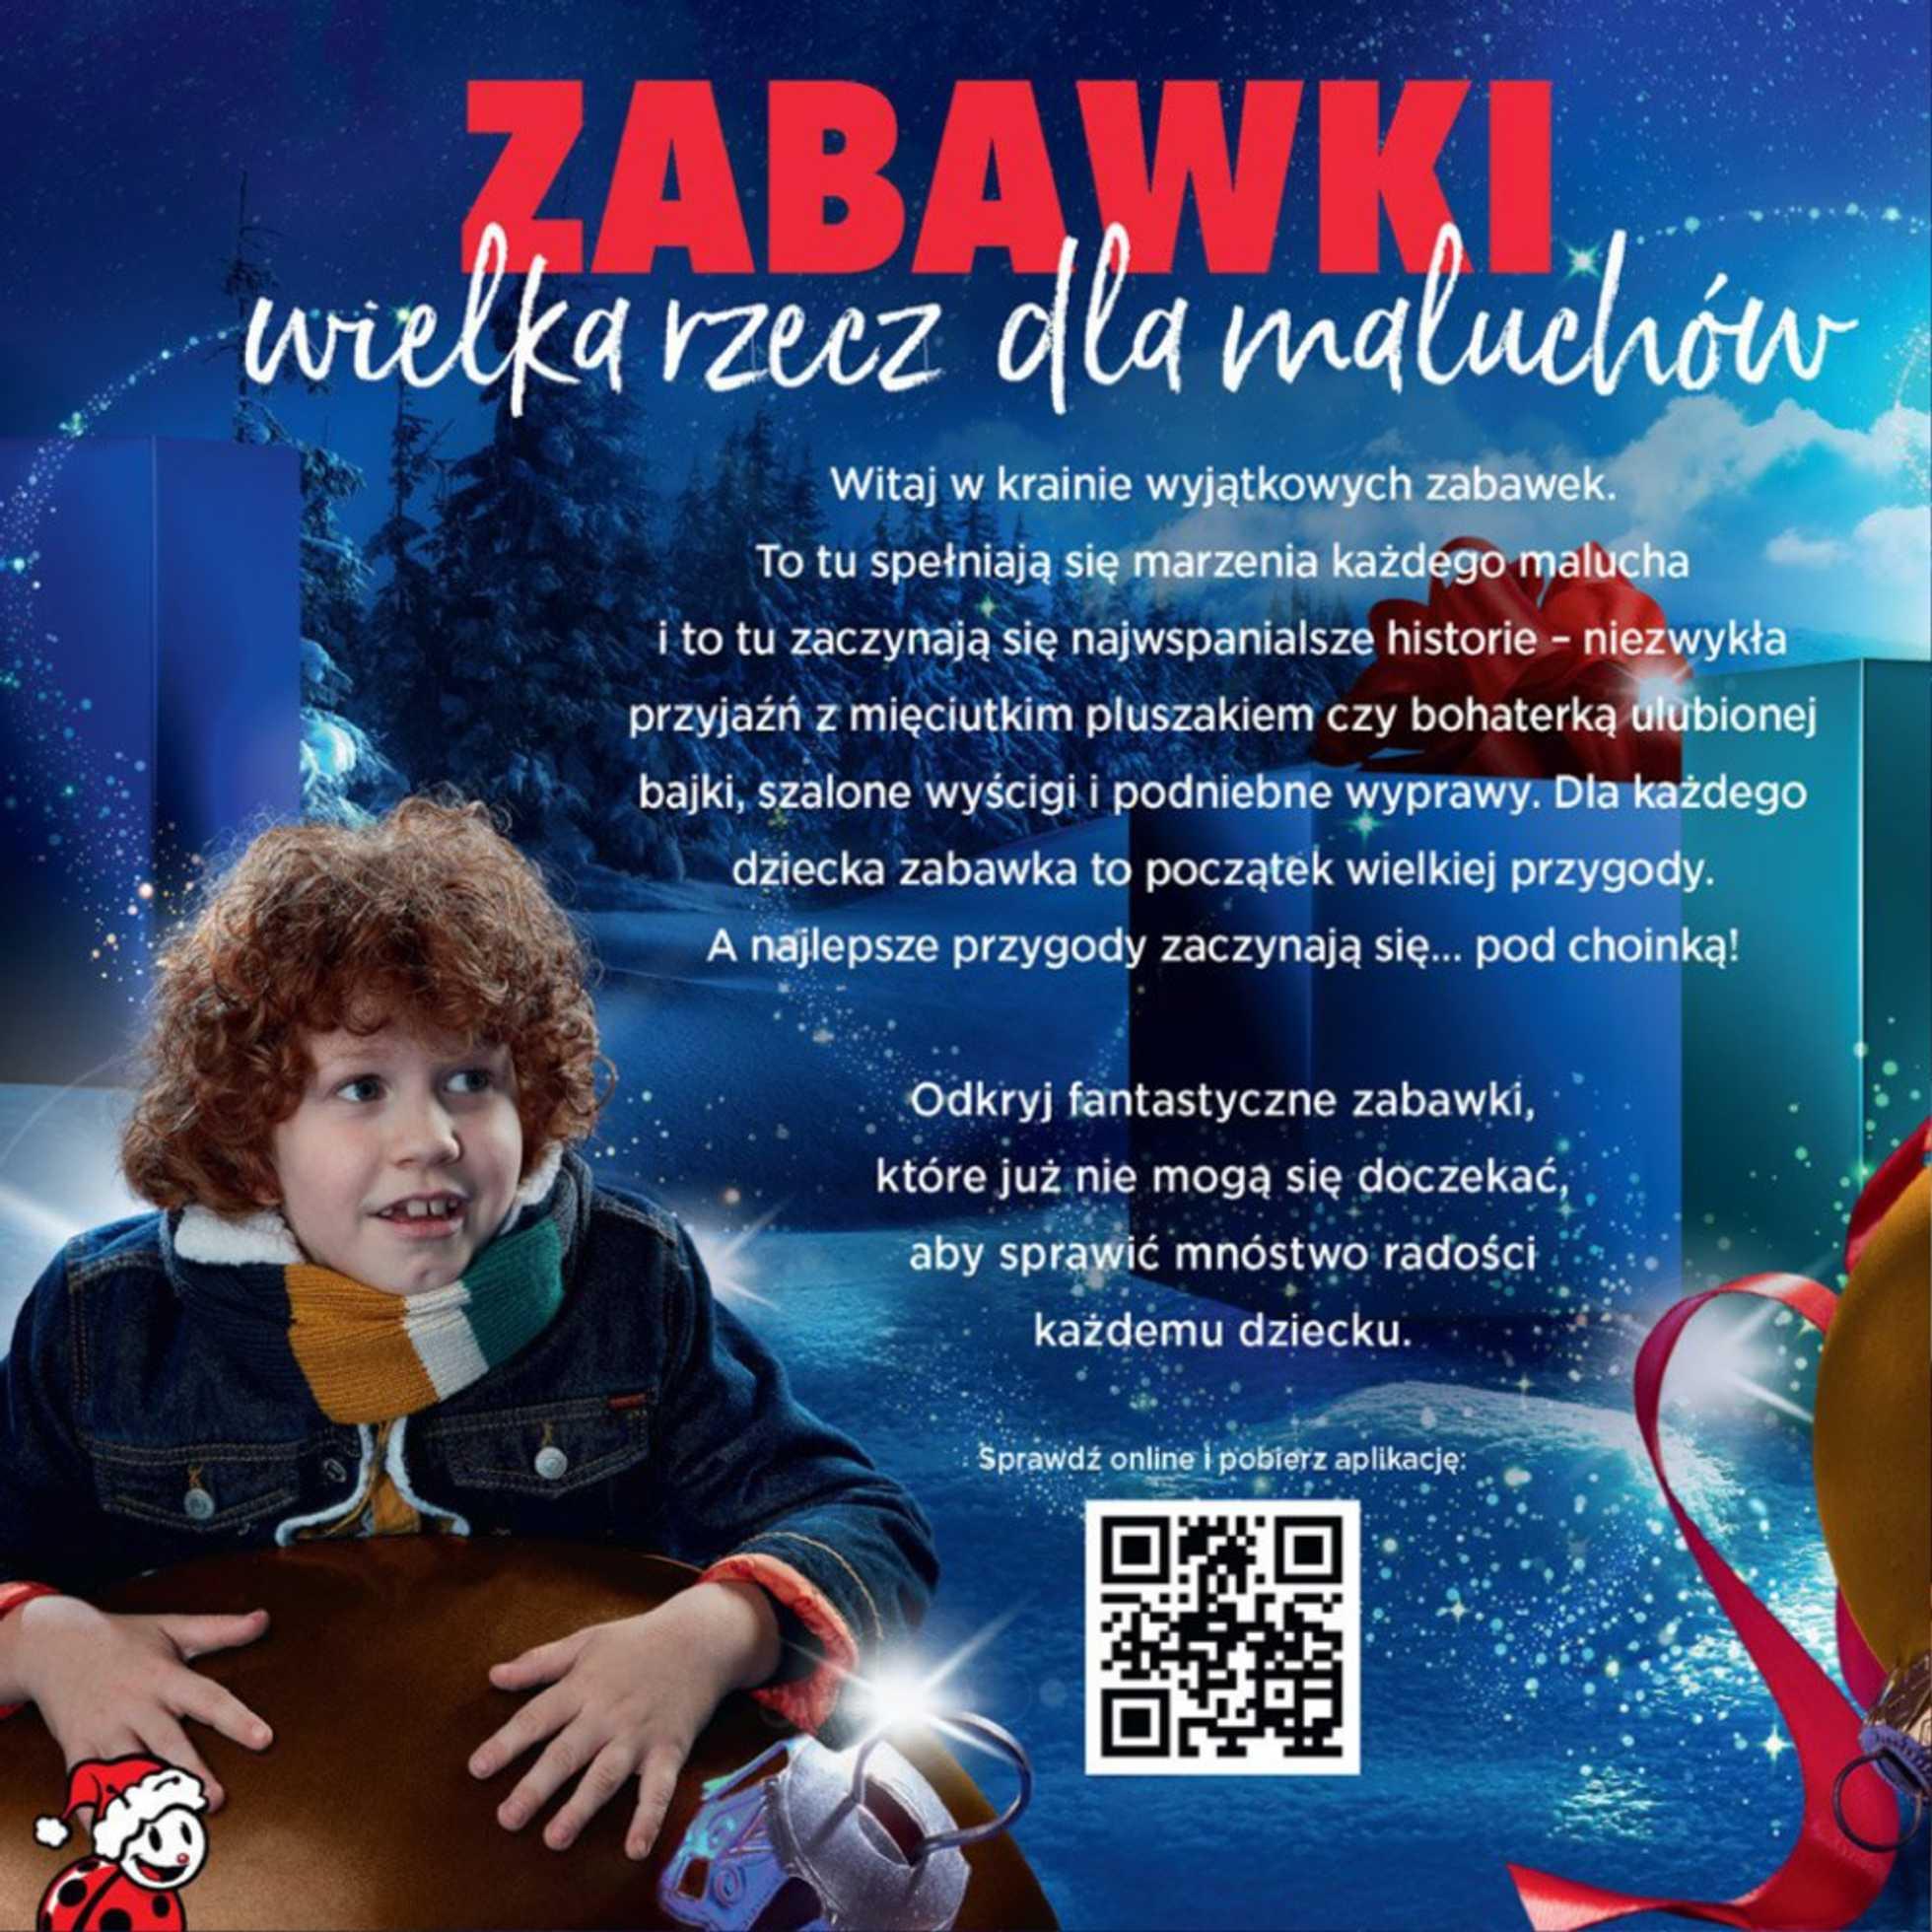 Biedronka - gazetka promocyjna ważna od 12.11.2019 do 15.12.2019 - strona 2.